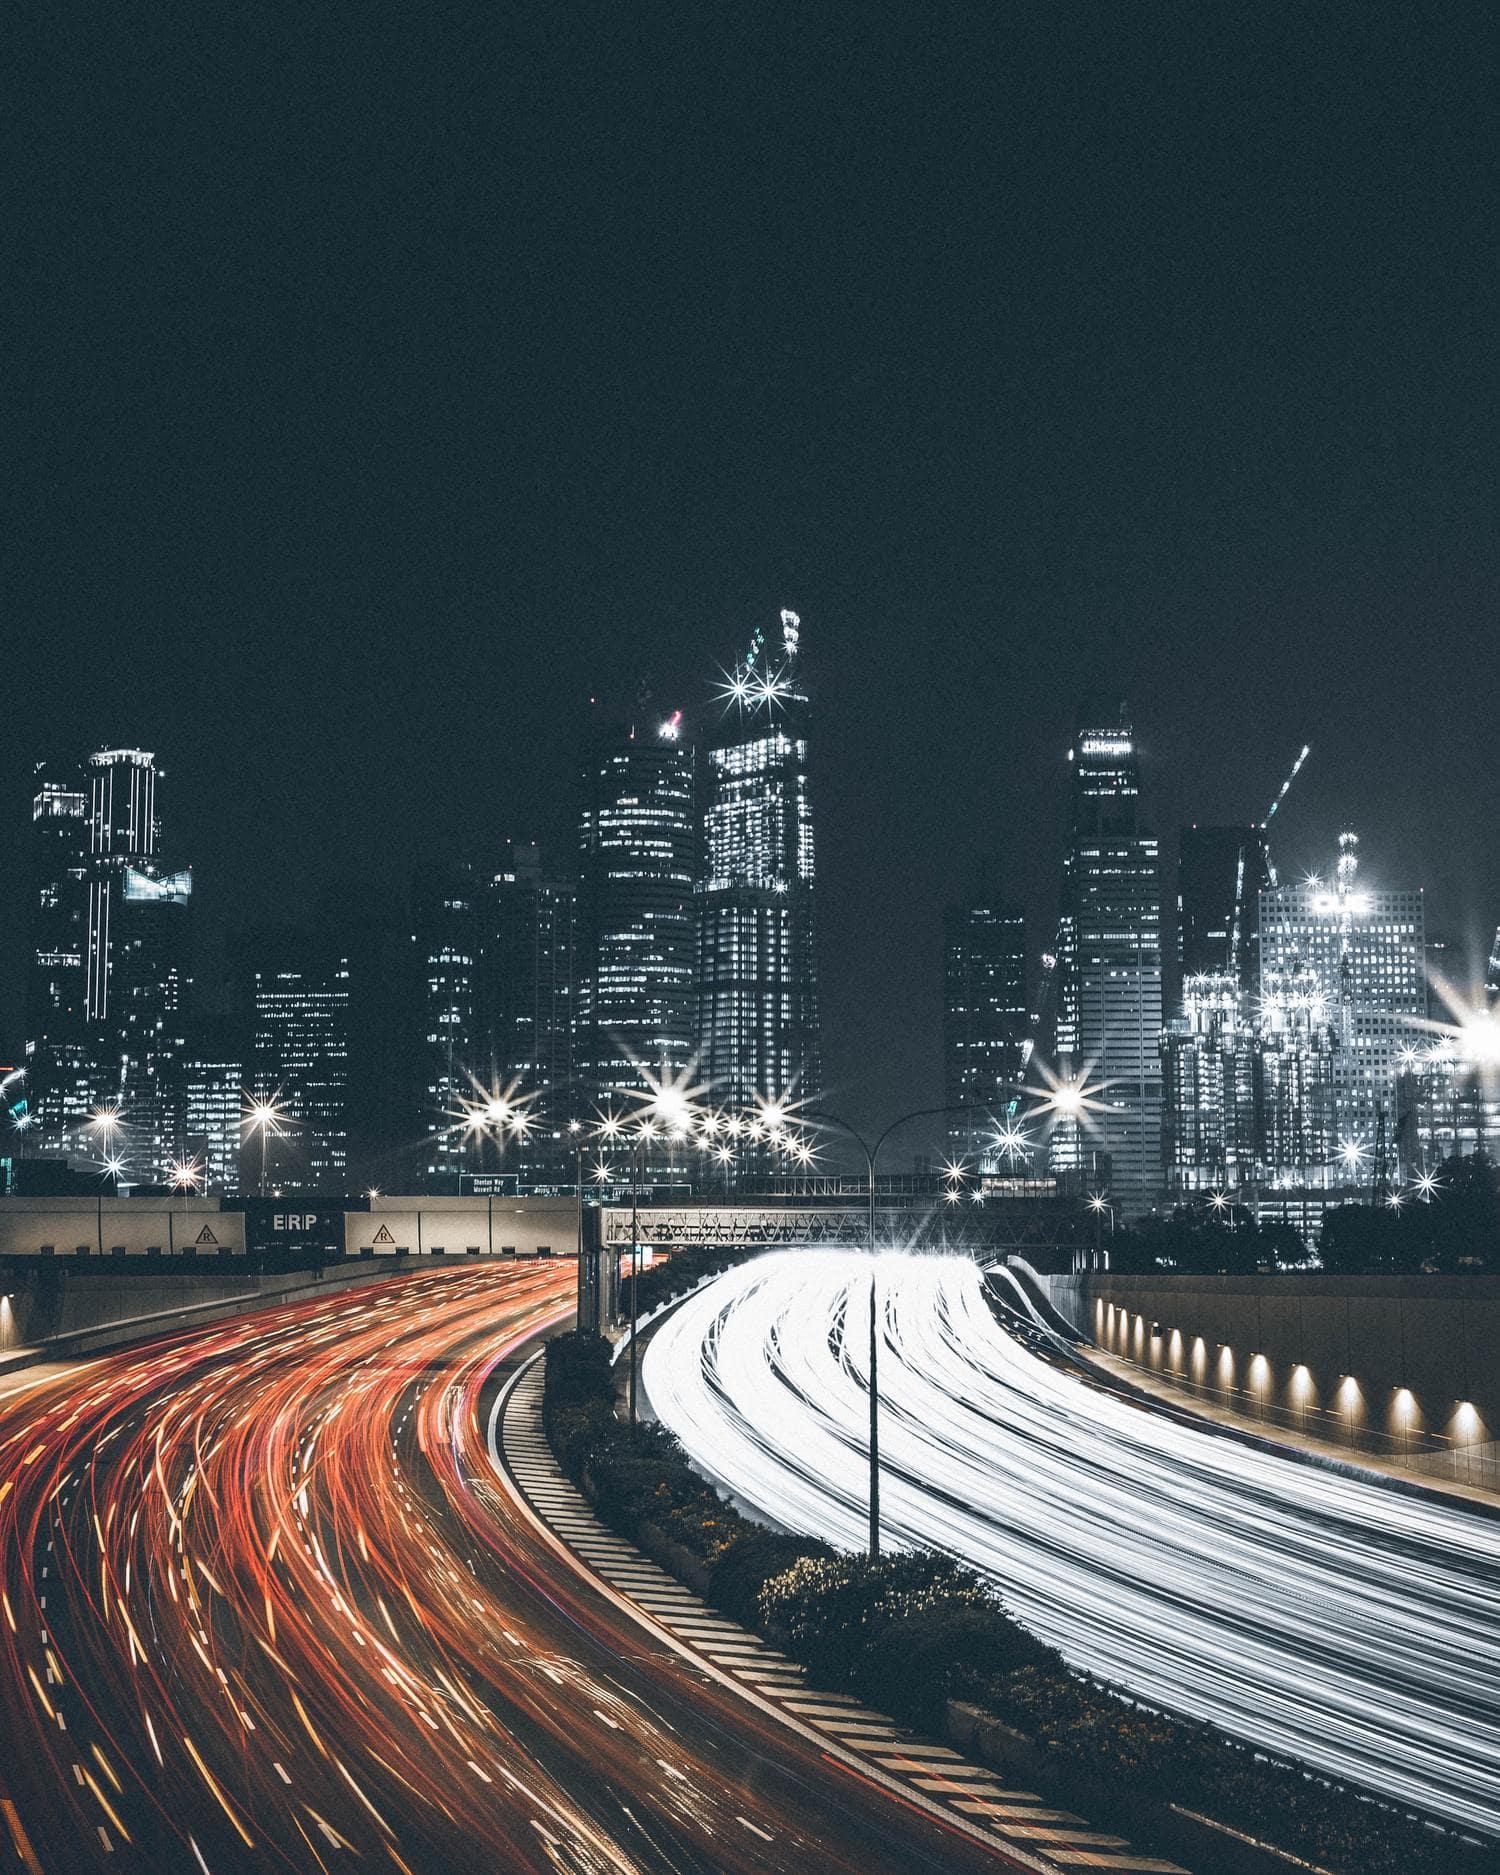 Estelas de luz en doble sentido con rascacielos de fondo